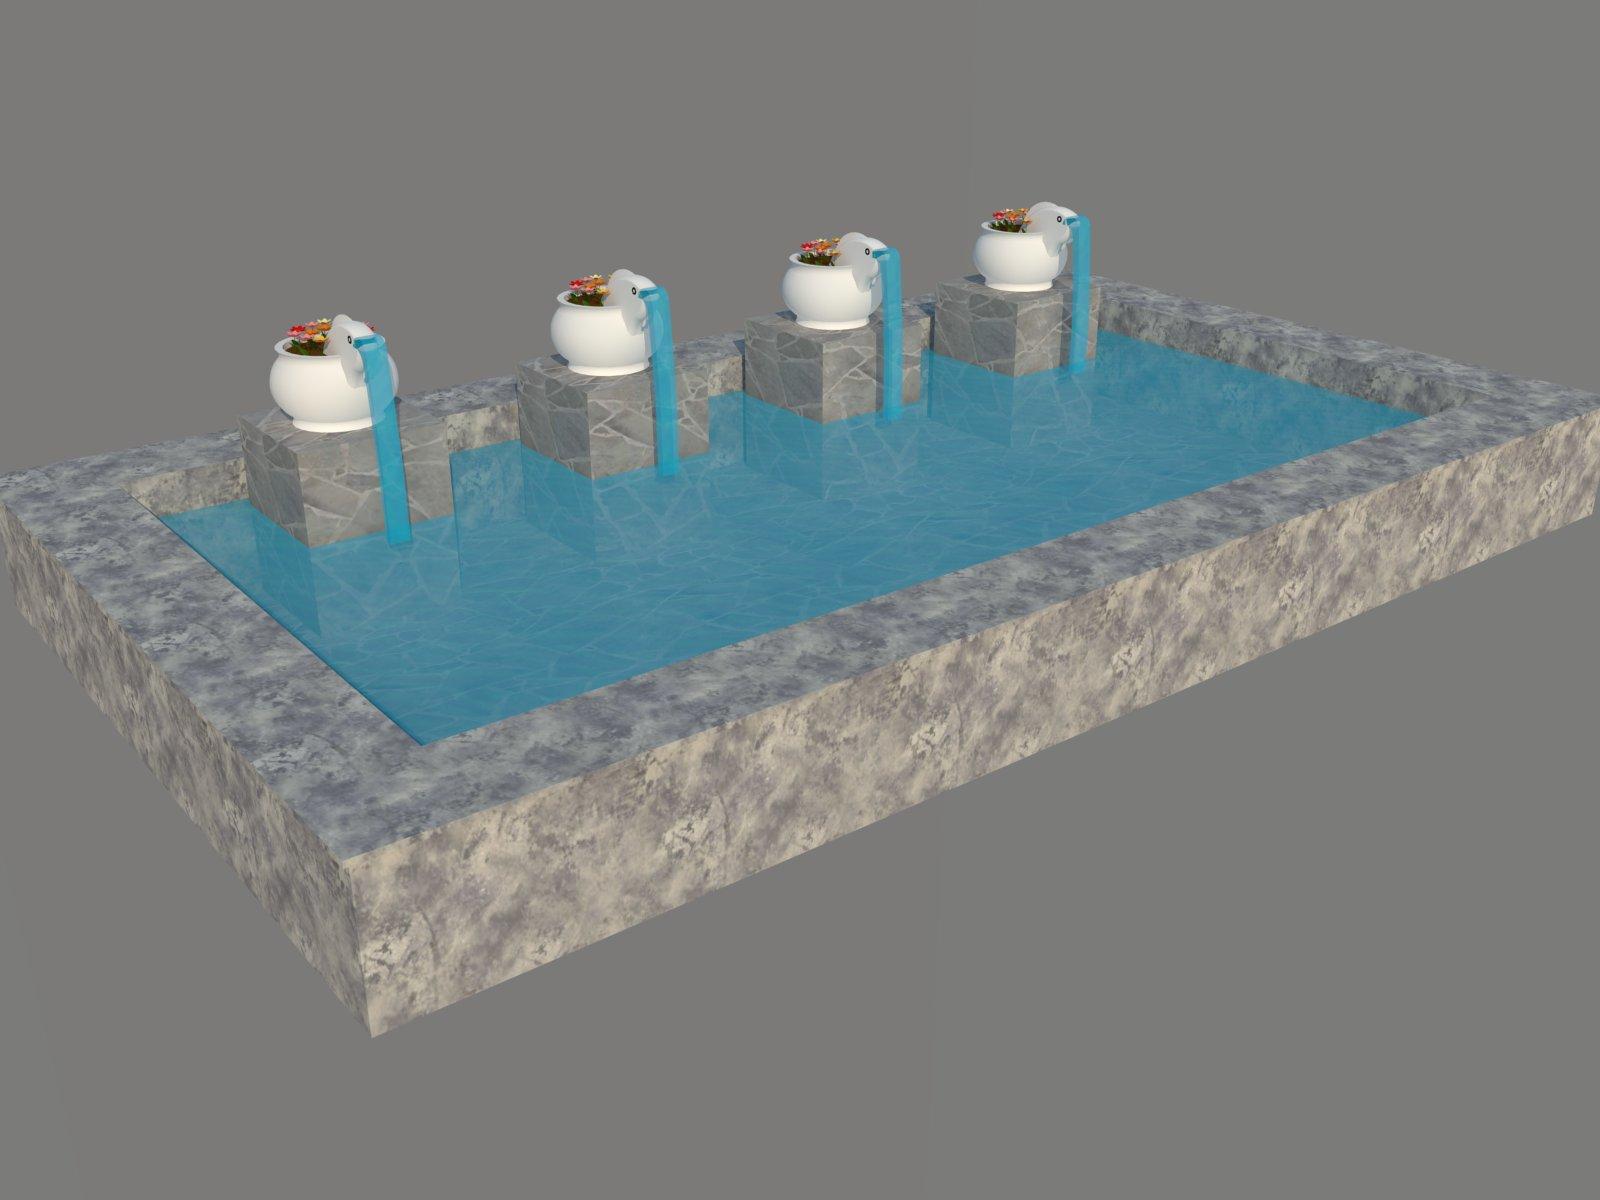 园林鱼型喷水水池SketchUp模型